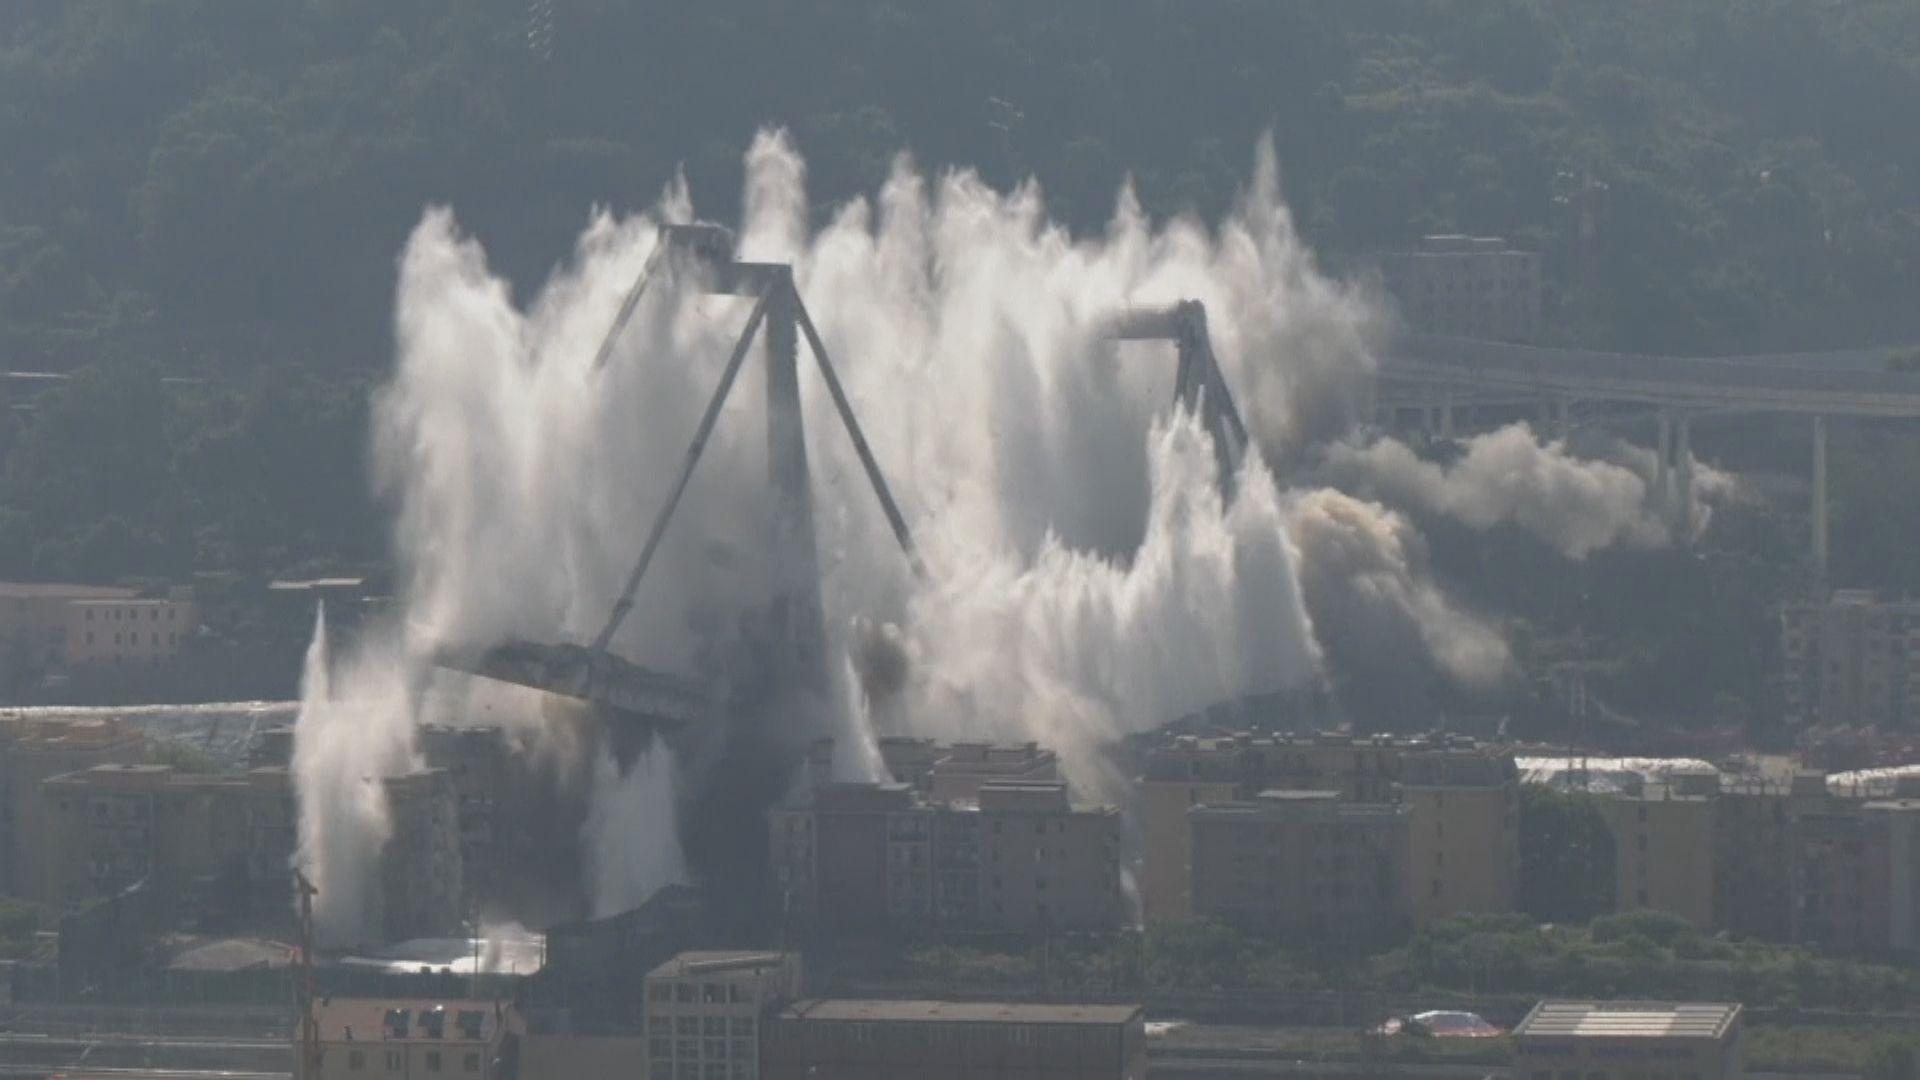 意大利倒塌大橋橋塔遭爆破拆除